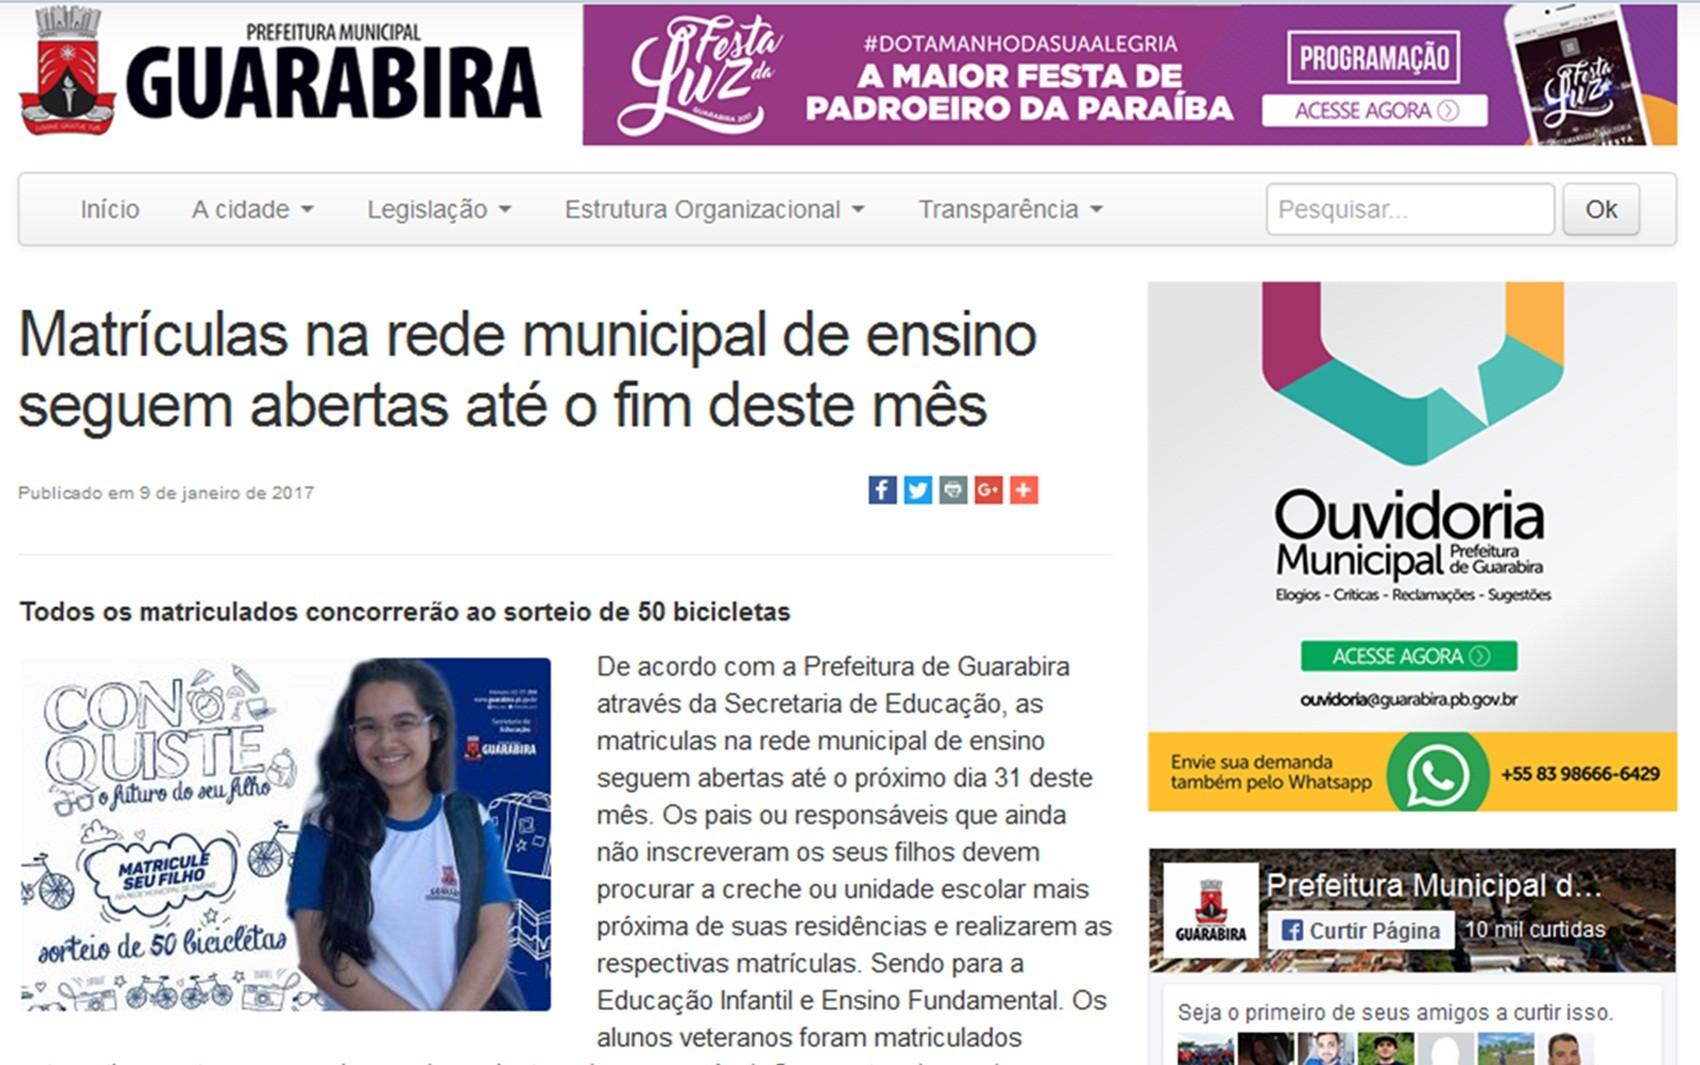 Prefeitura de Guarabira também anunciou sorteio de prêmios entre matriculados  (Foto: Reprodução/guarabira.pb.gov.br)